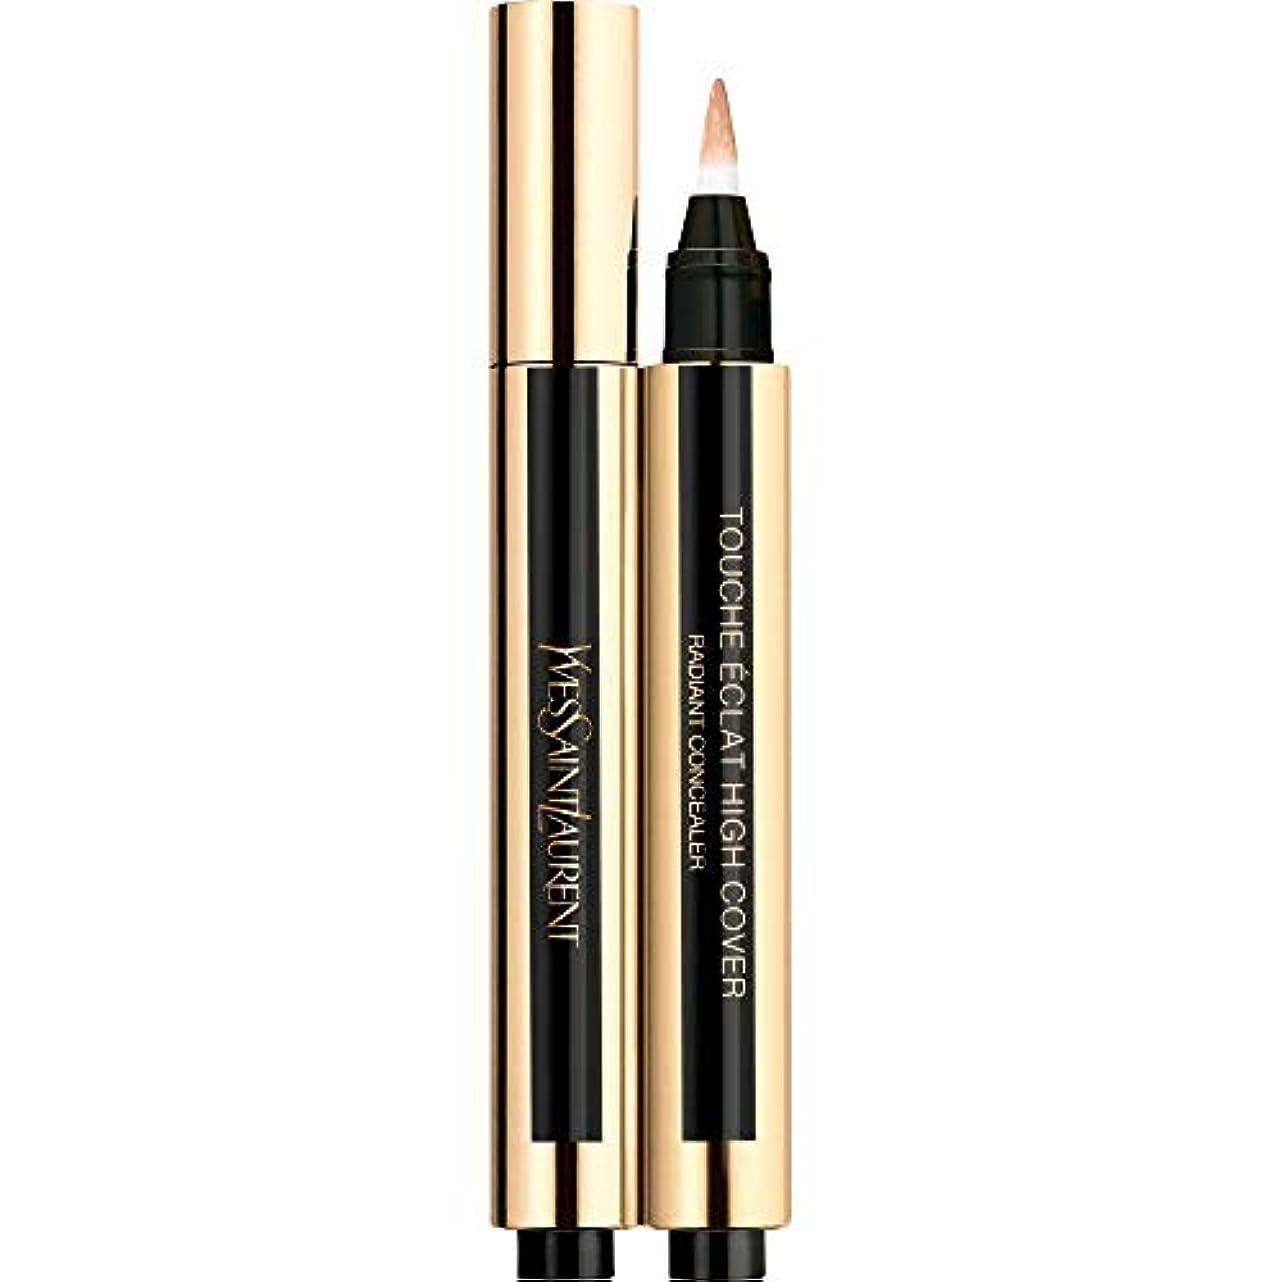 半円持続的心臓[Yves Saint Laurent] 4 2.5ミリリットルイヴ・サンローランのトウシュエクラ高いカバー放射コンシーラーペン - 砂 - Yves Saint Laurent Touche Eclat High Cover Radiant Concealer Pen 2.5ml 4 - Sand [並行輸入品]